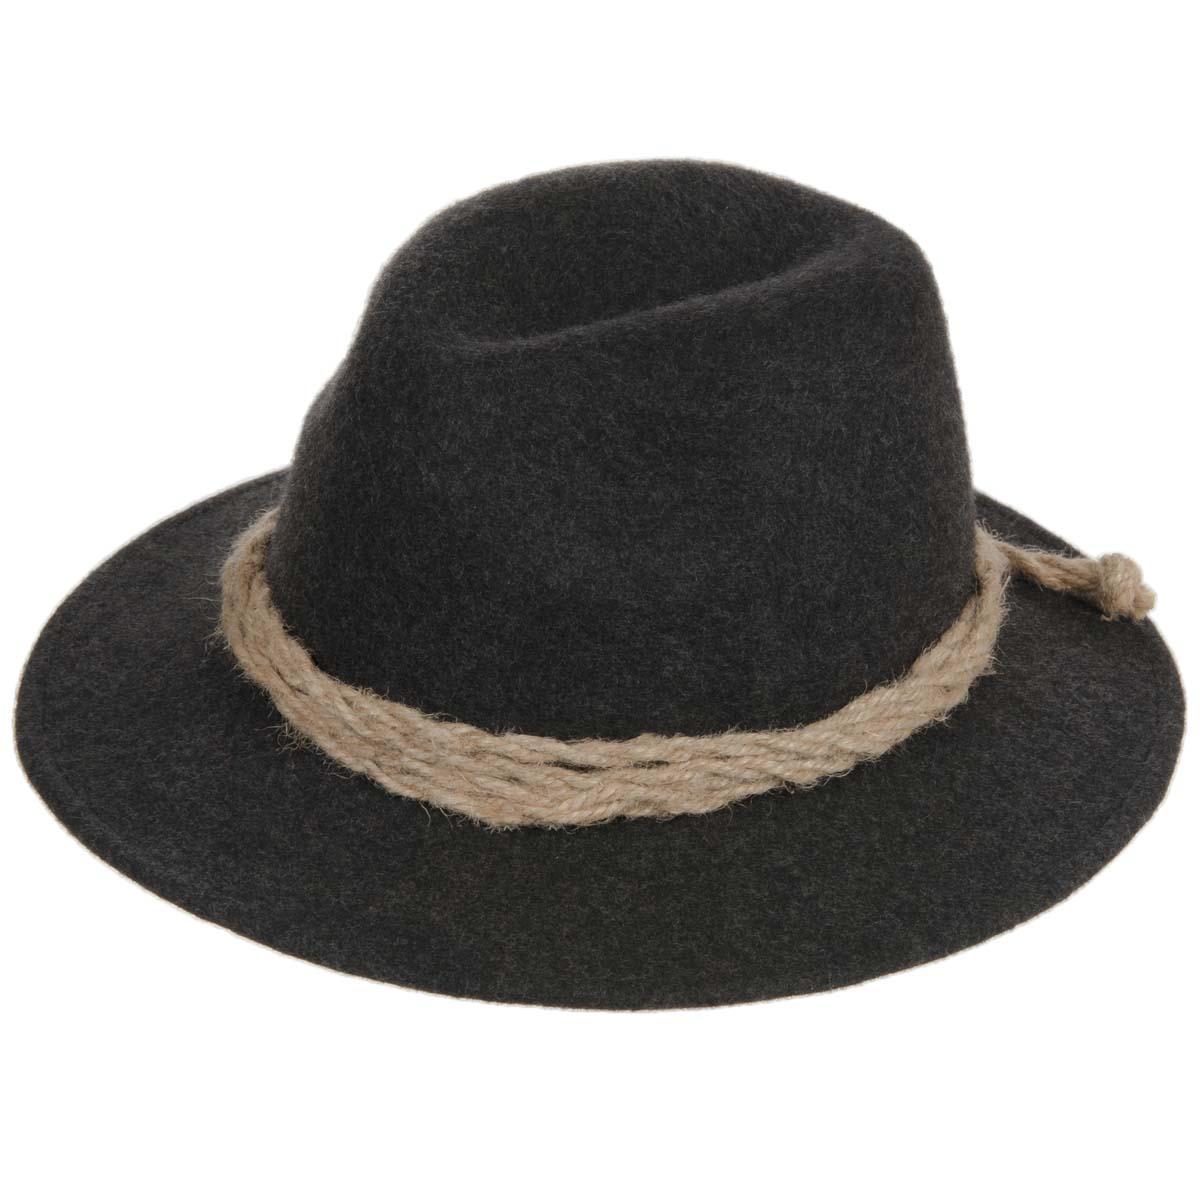 Cappello in feltro di lana idrorepellente 51bb39f35ad3